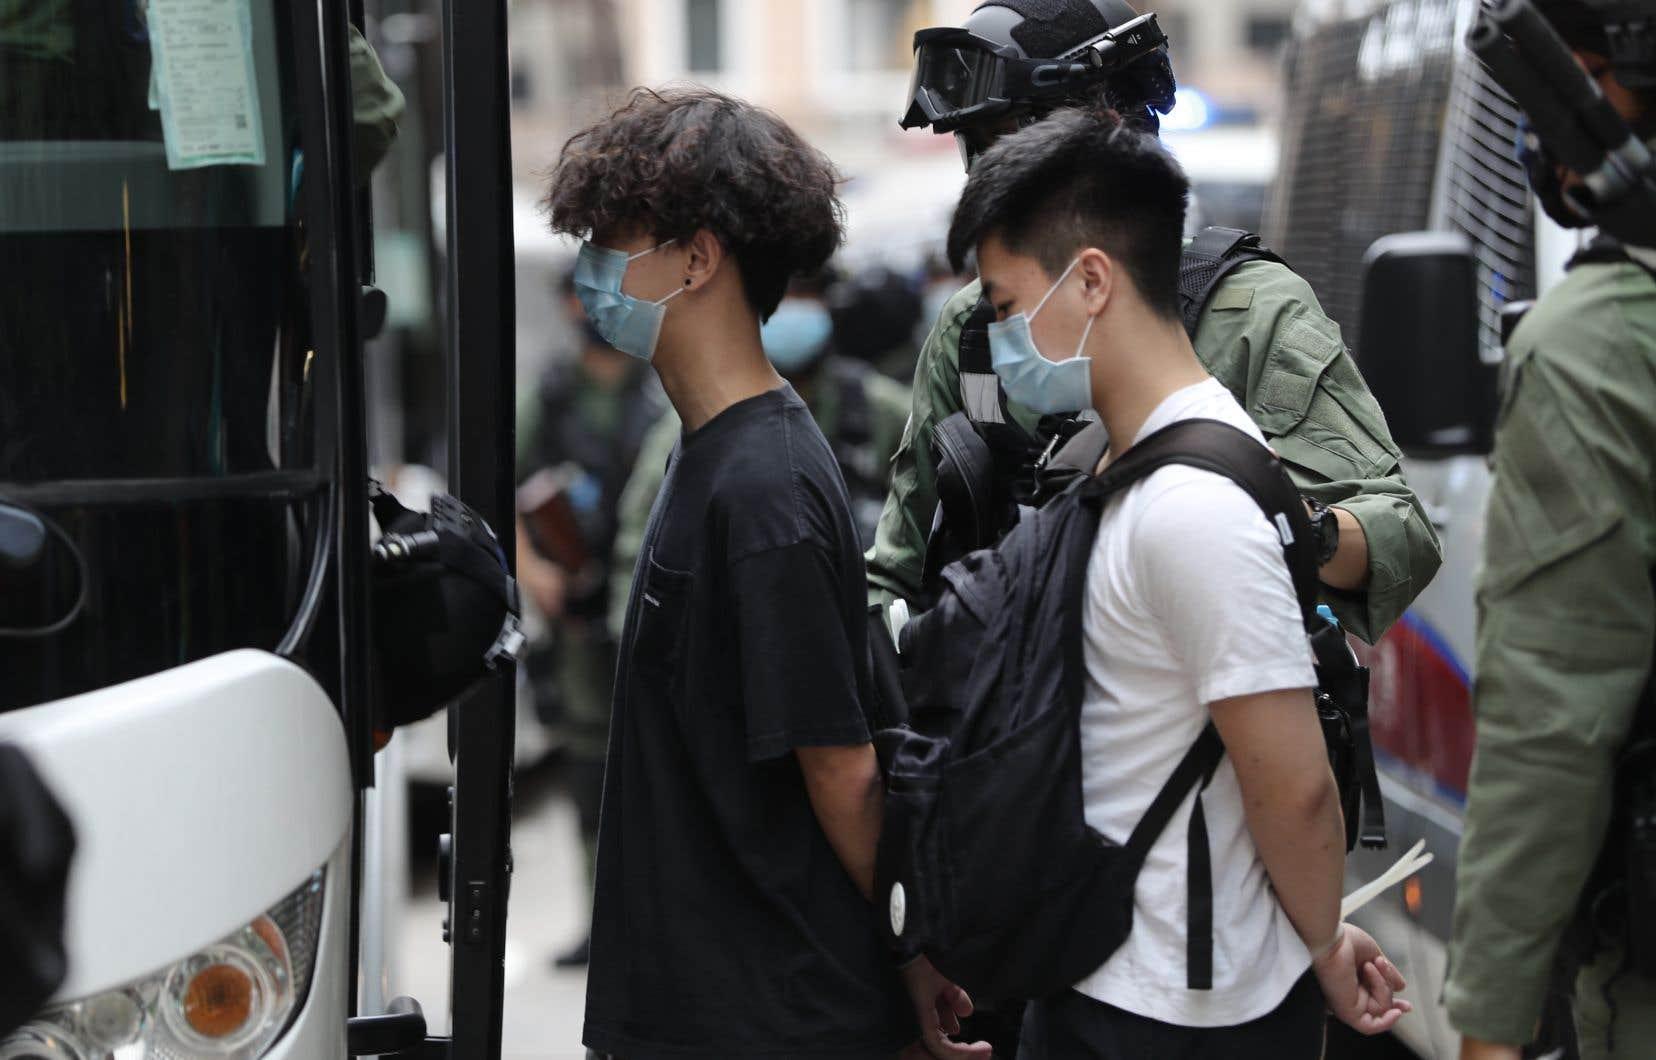 La police a indiqué avoir arrêté au moins 80 personnes, la plupart pour participation à un «rassemblement interdit».